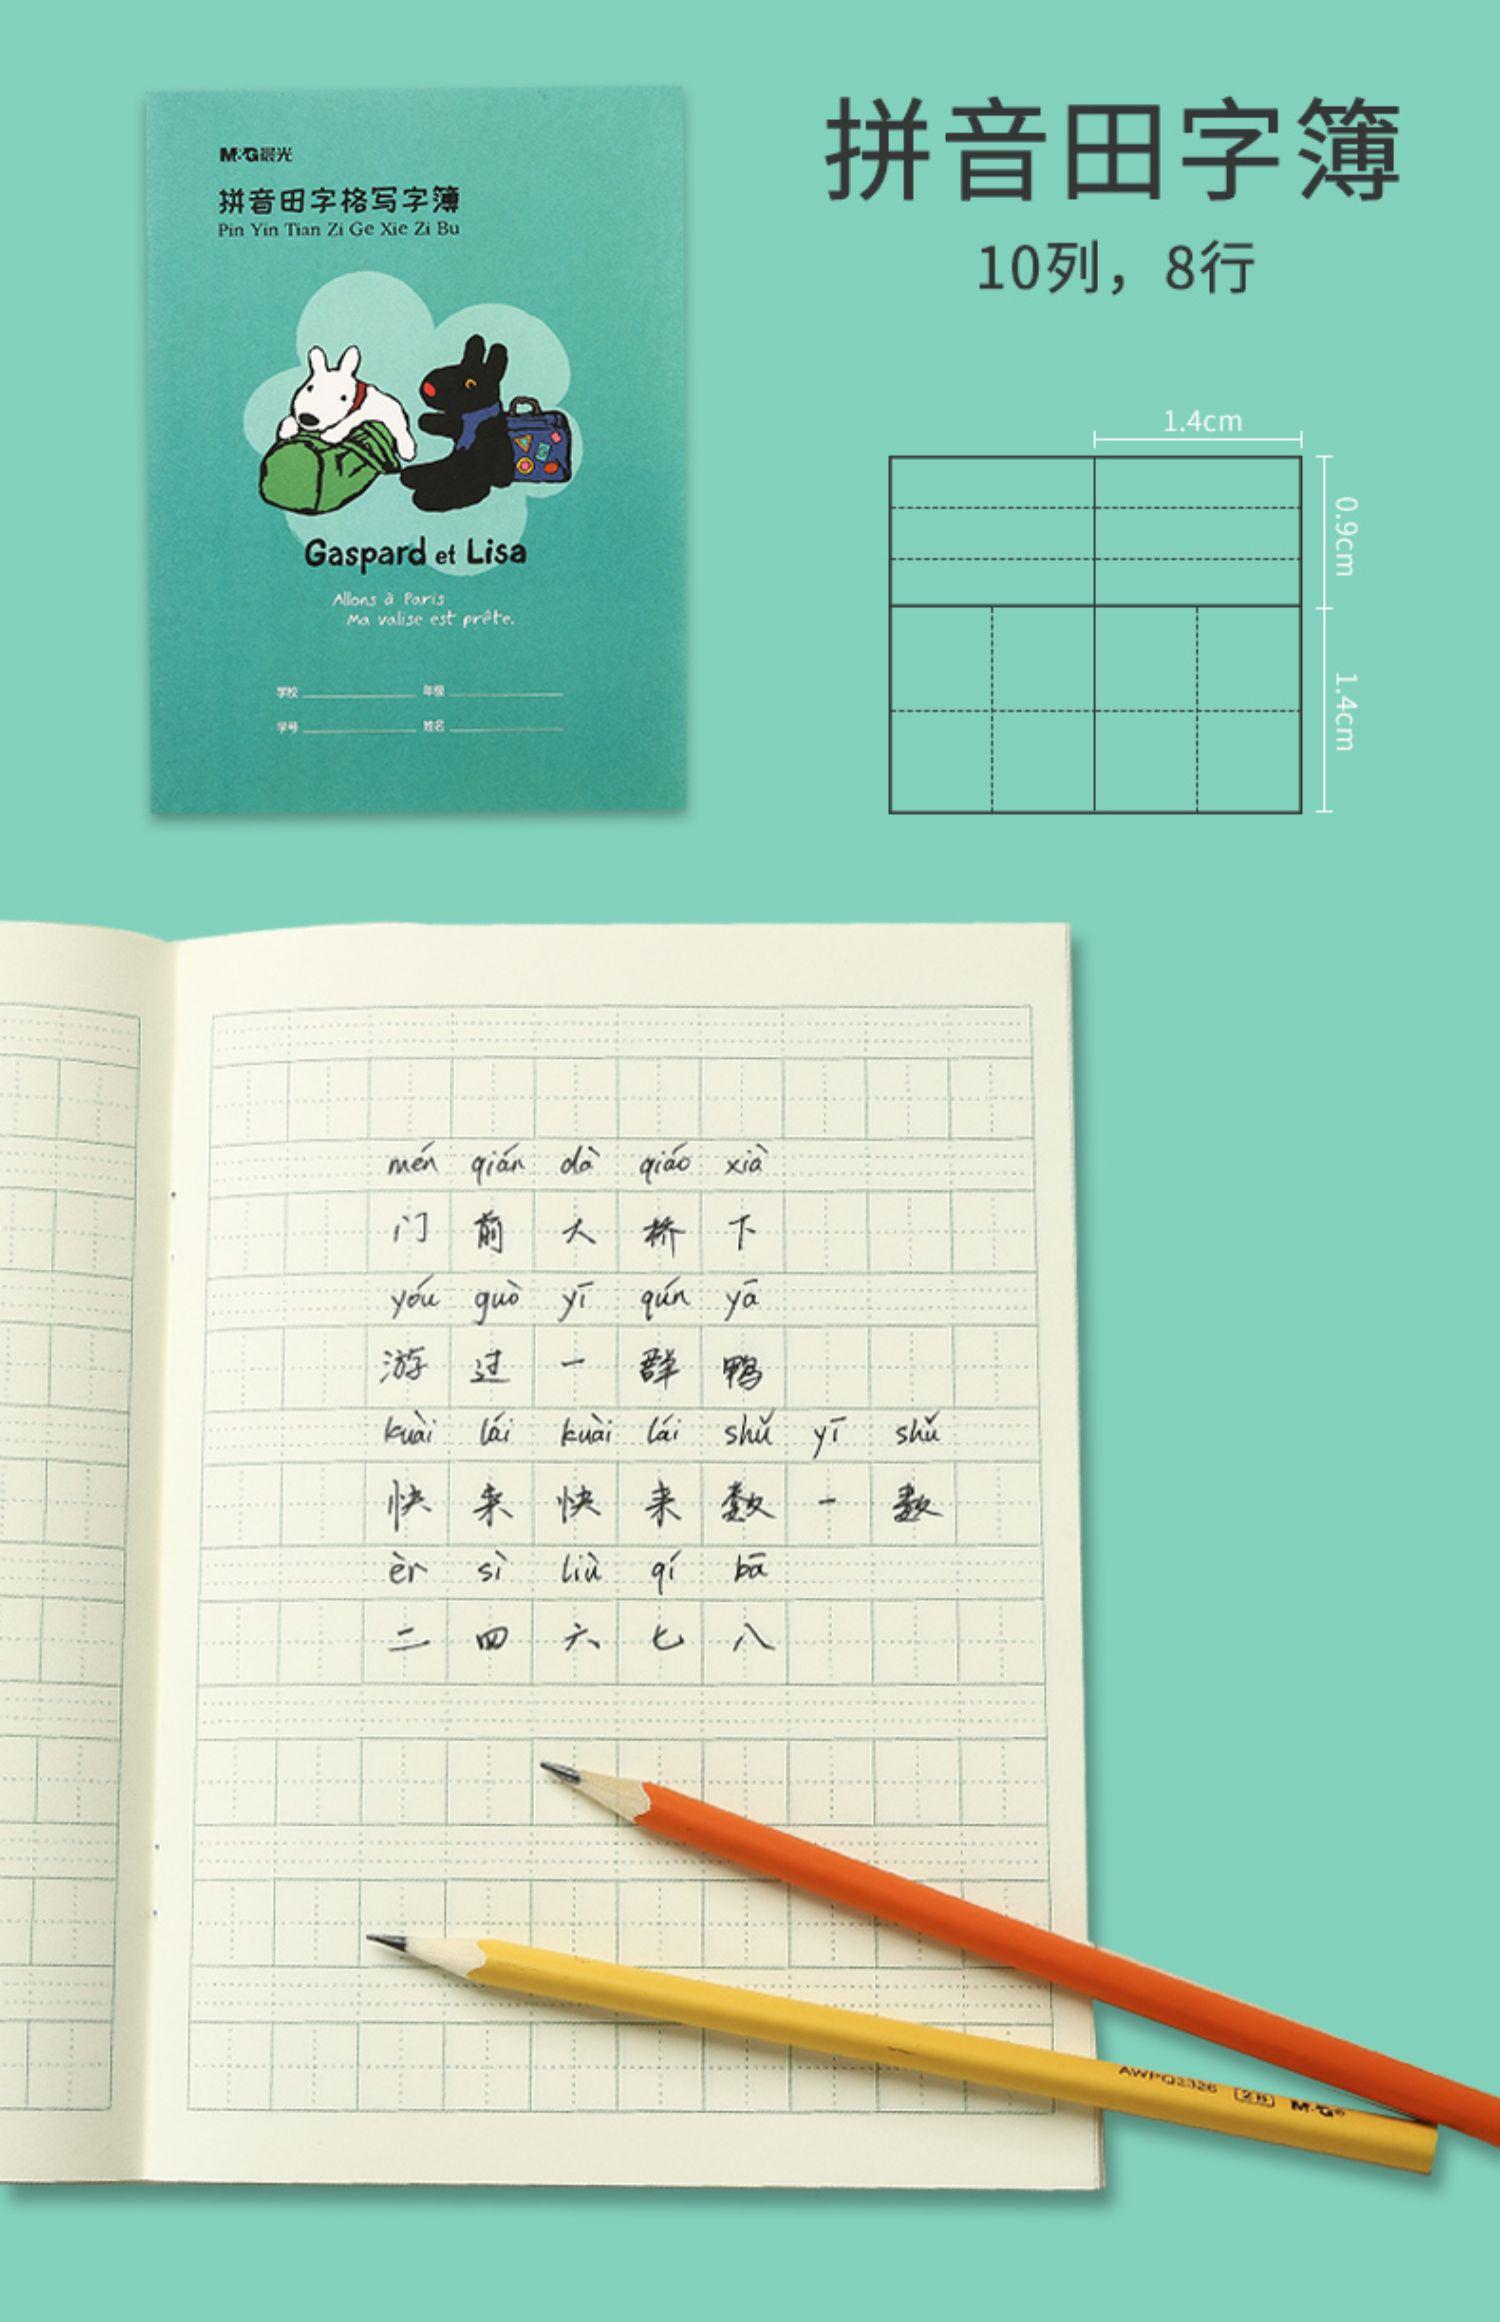 【晨光文具】卡斯波和丽莎系列作业本10本